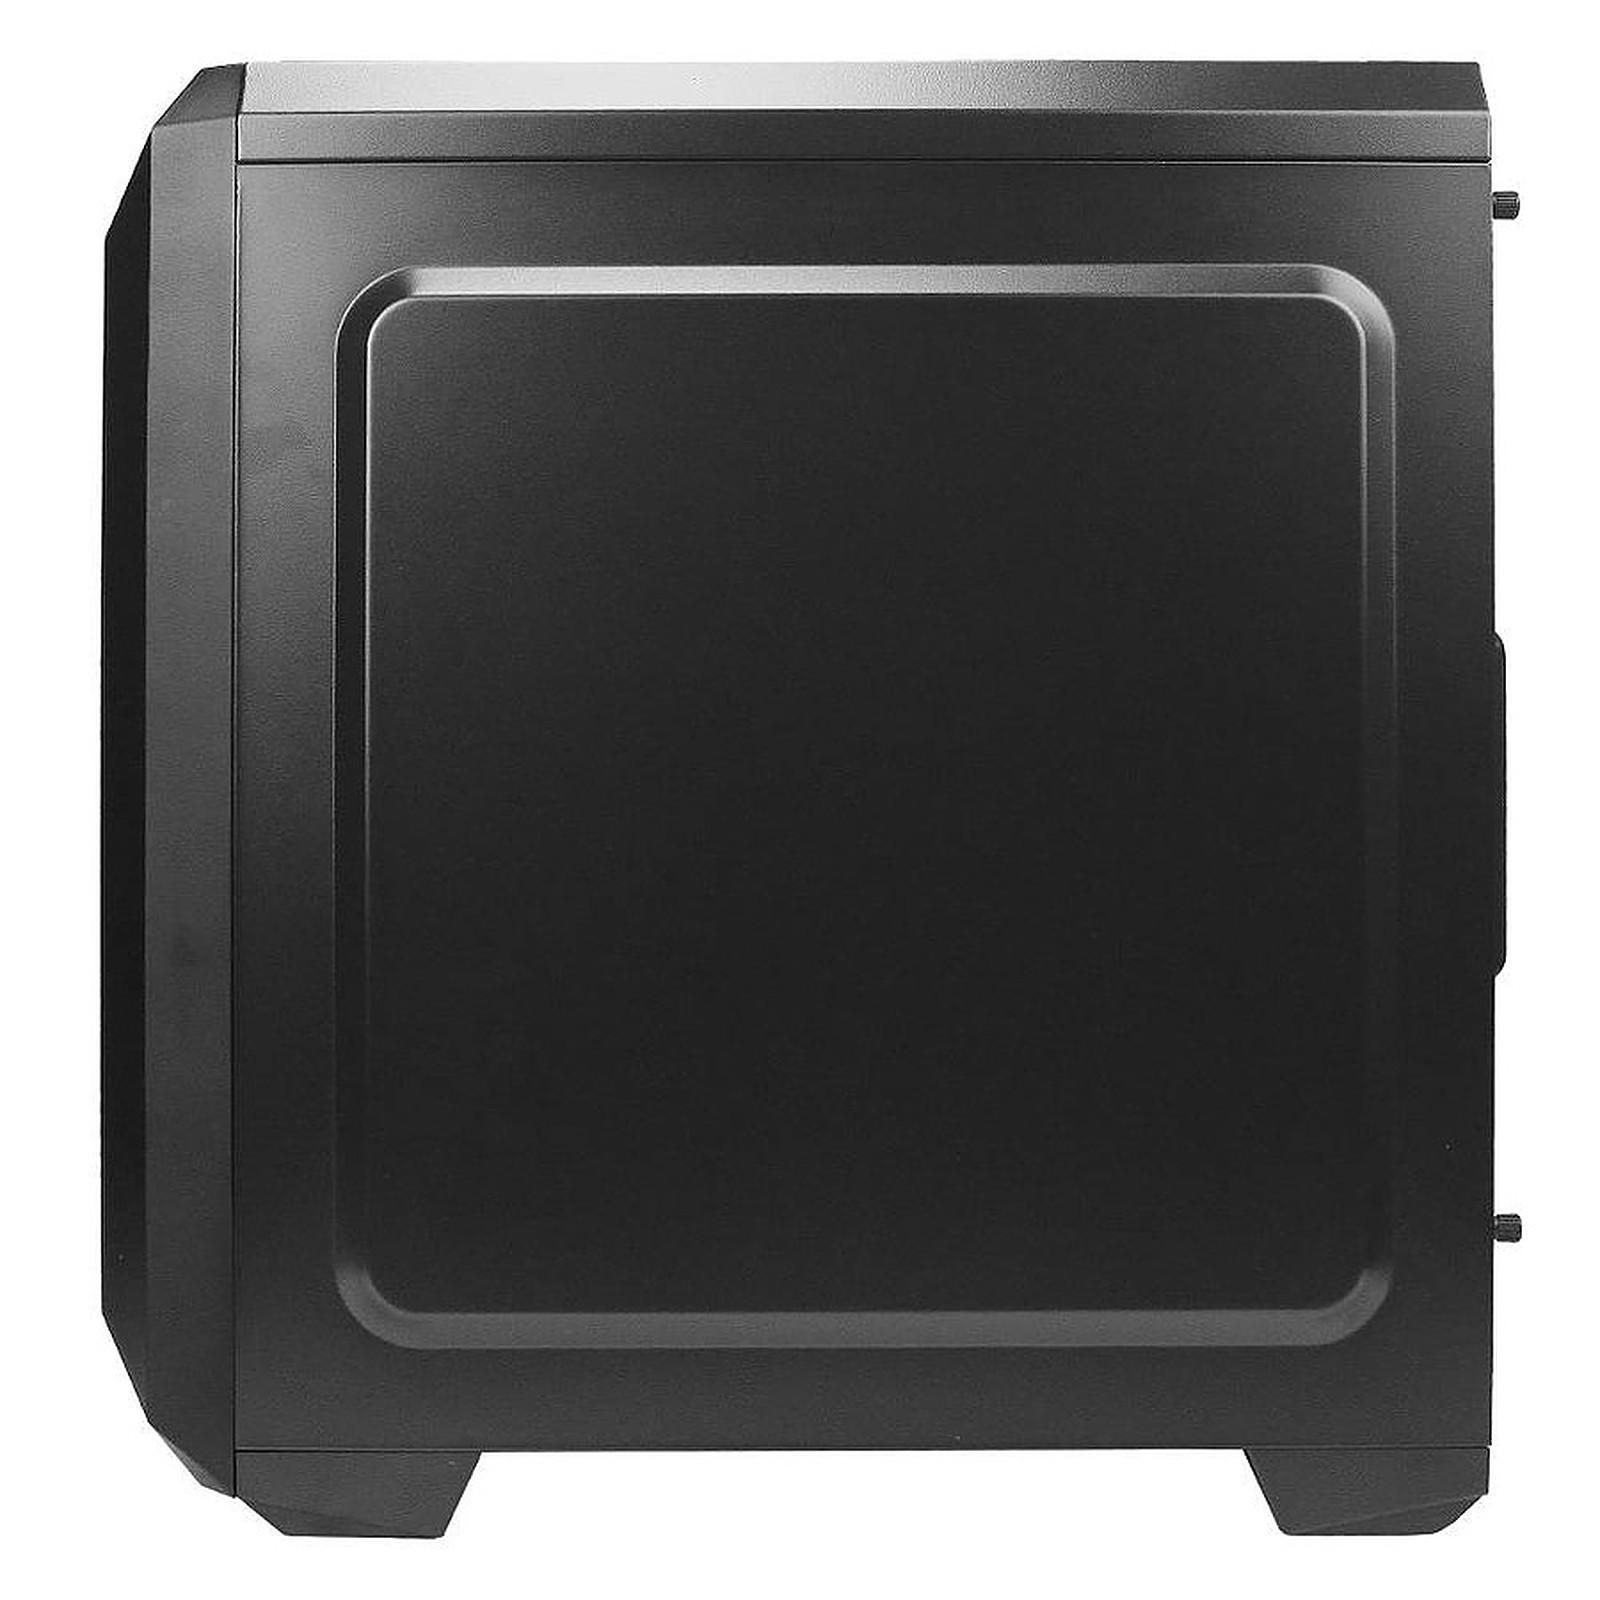 Boitier PC ATX, Micro-ATX, Mini-ITX Antec NX100 Noir-Gris moyen tour avec fenêtre sans alim, informatique ile de la Réunion 974